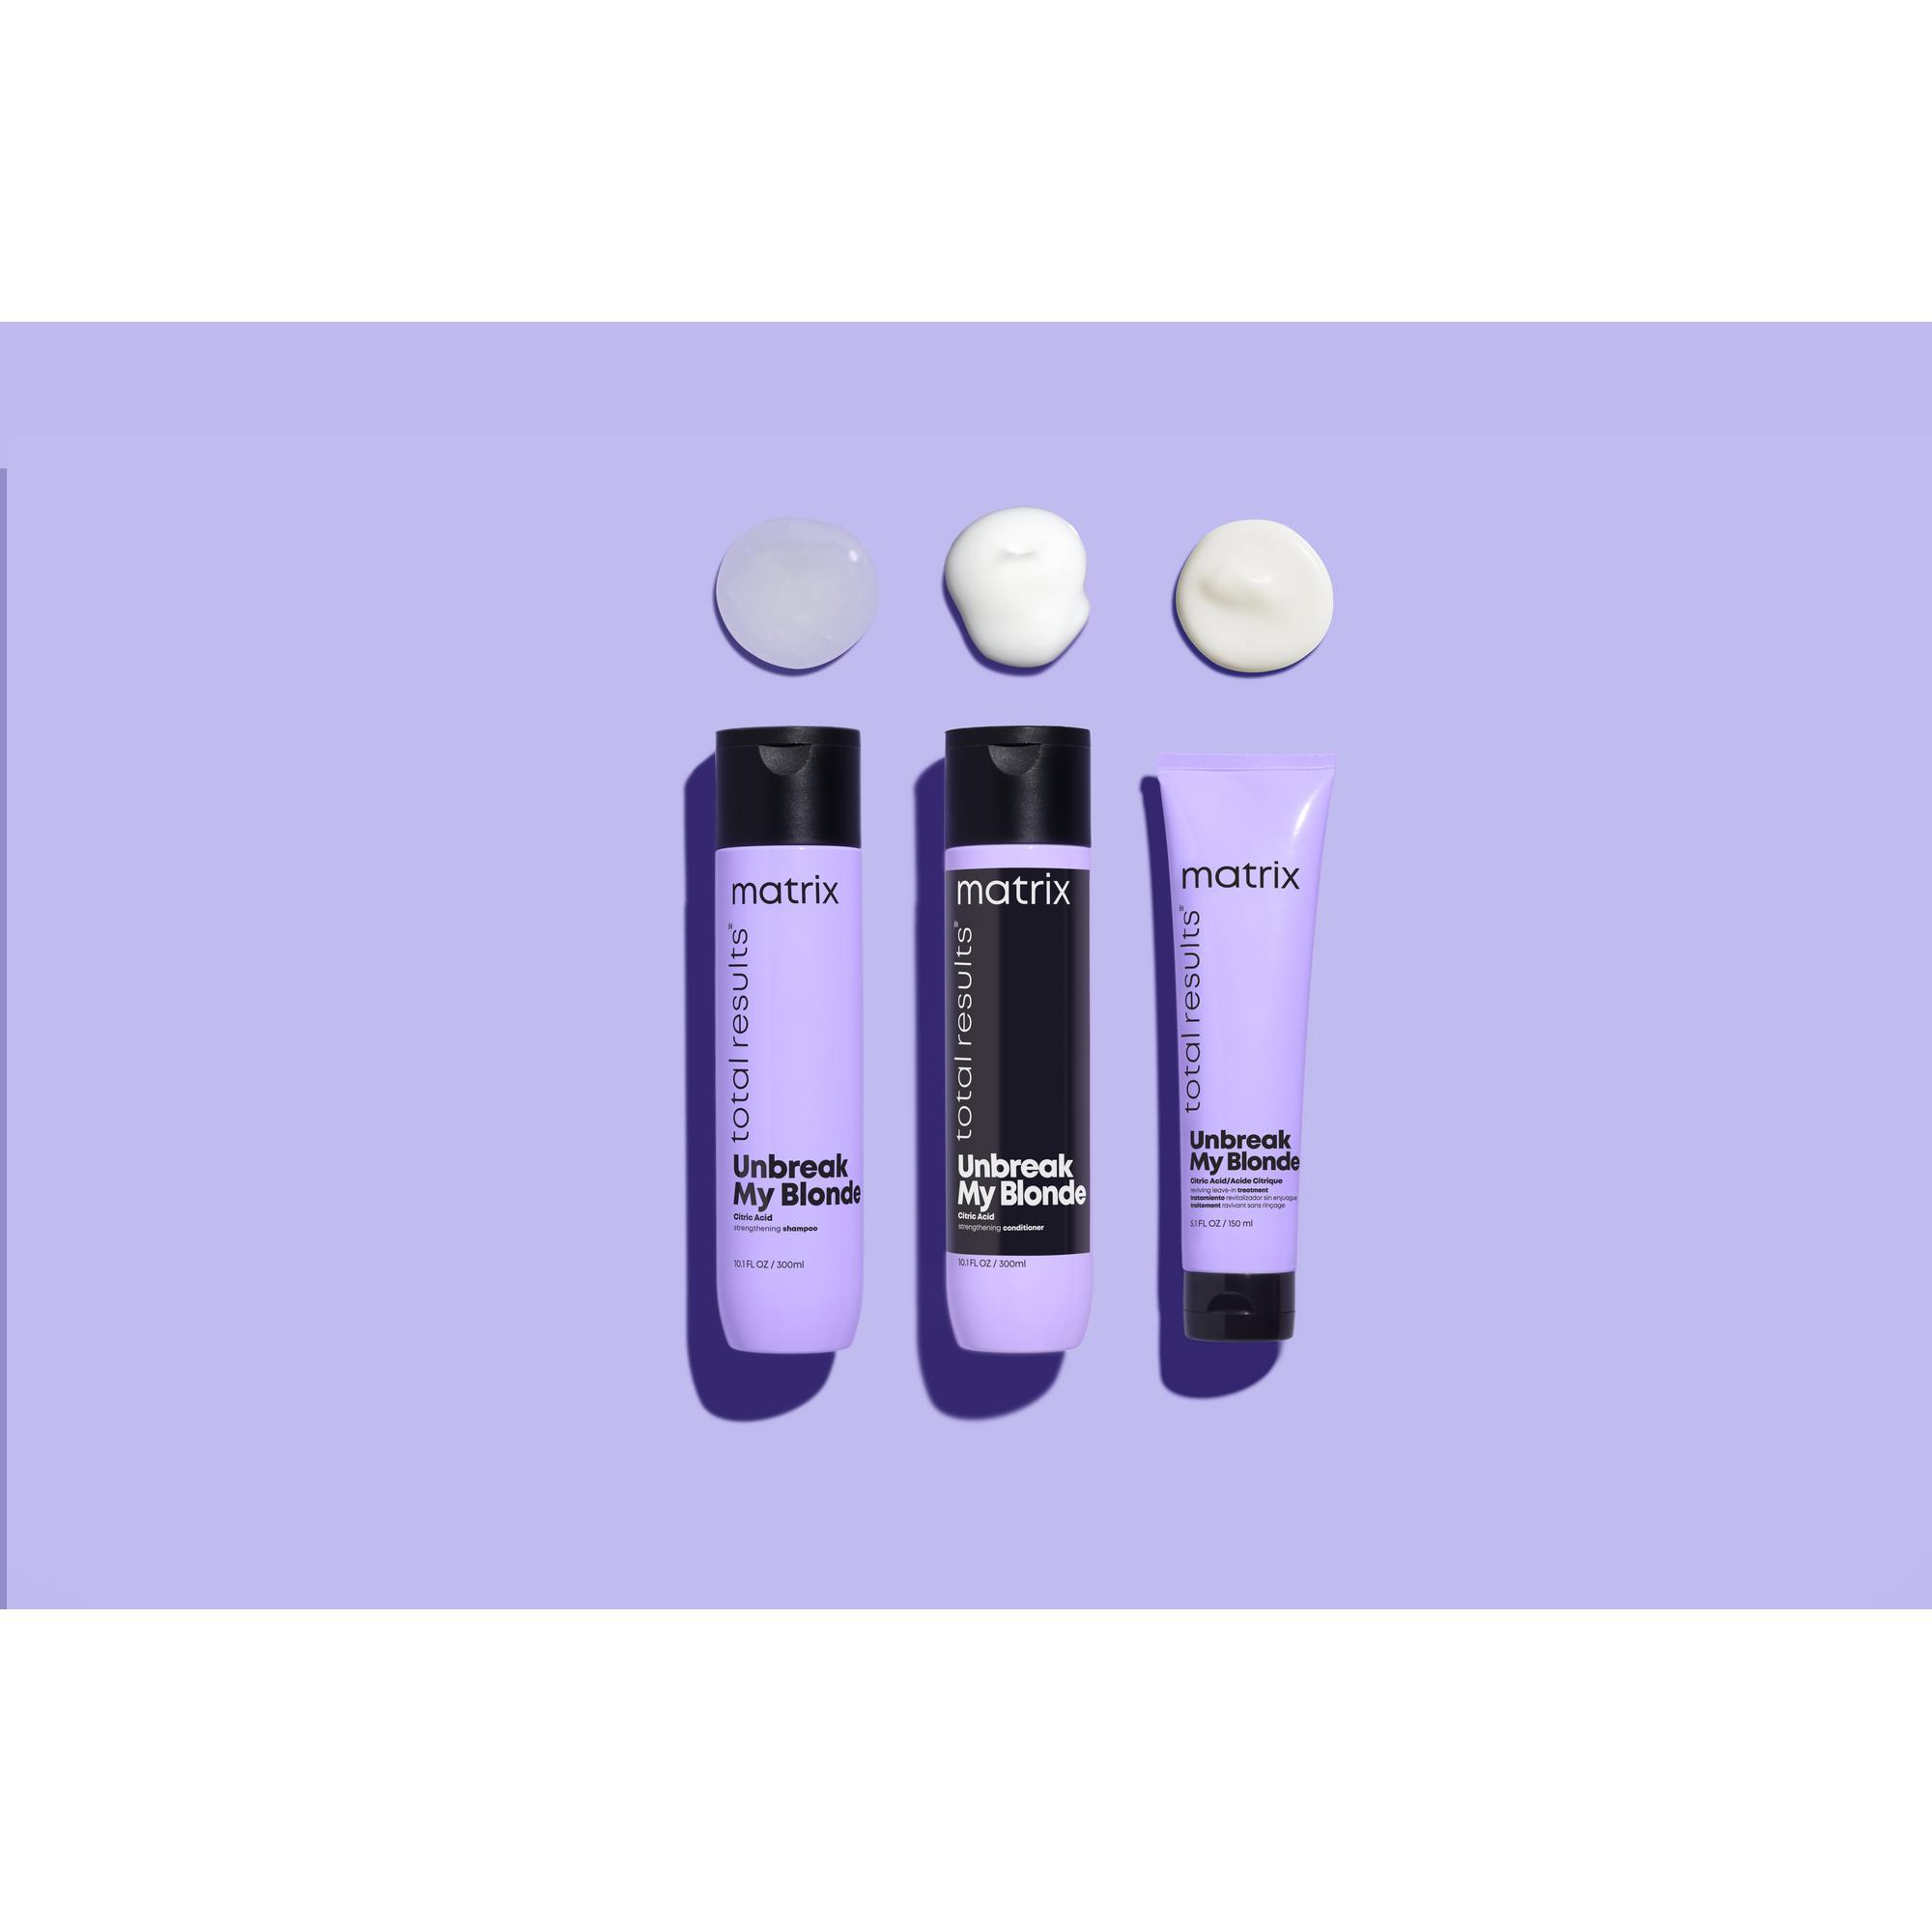 Купить Matrix Укрепляющий кондиционер для осветленных волос, 300 мл (Matrix, Total results), США